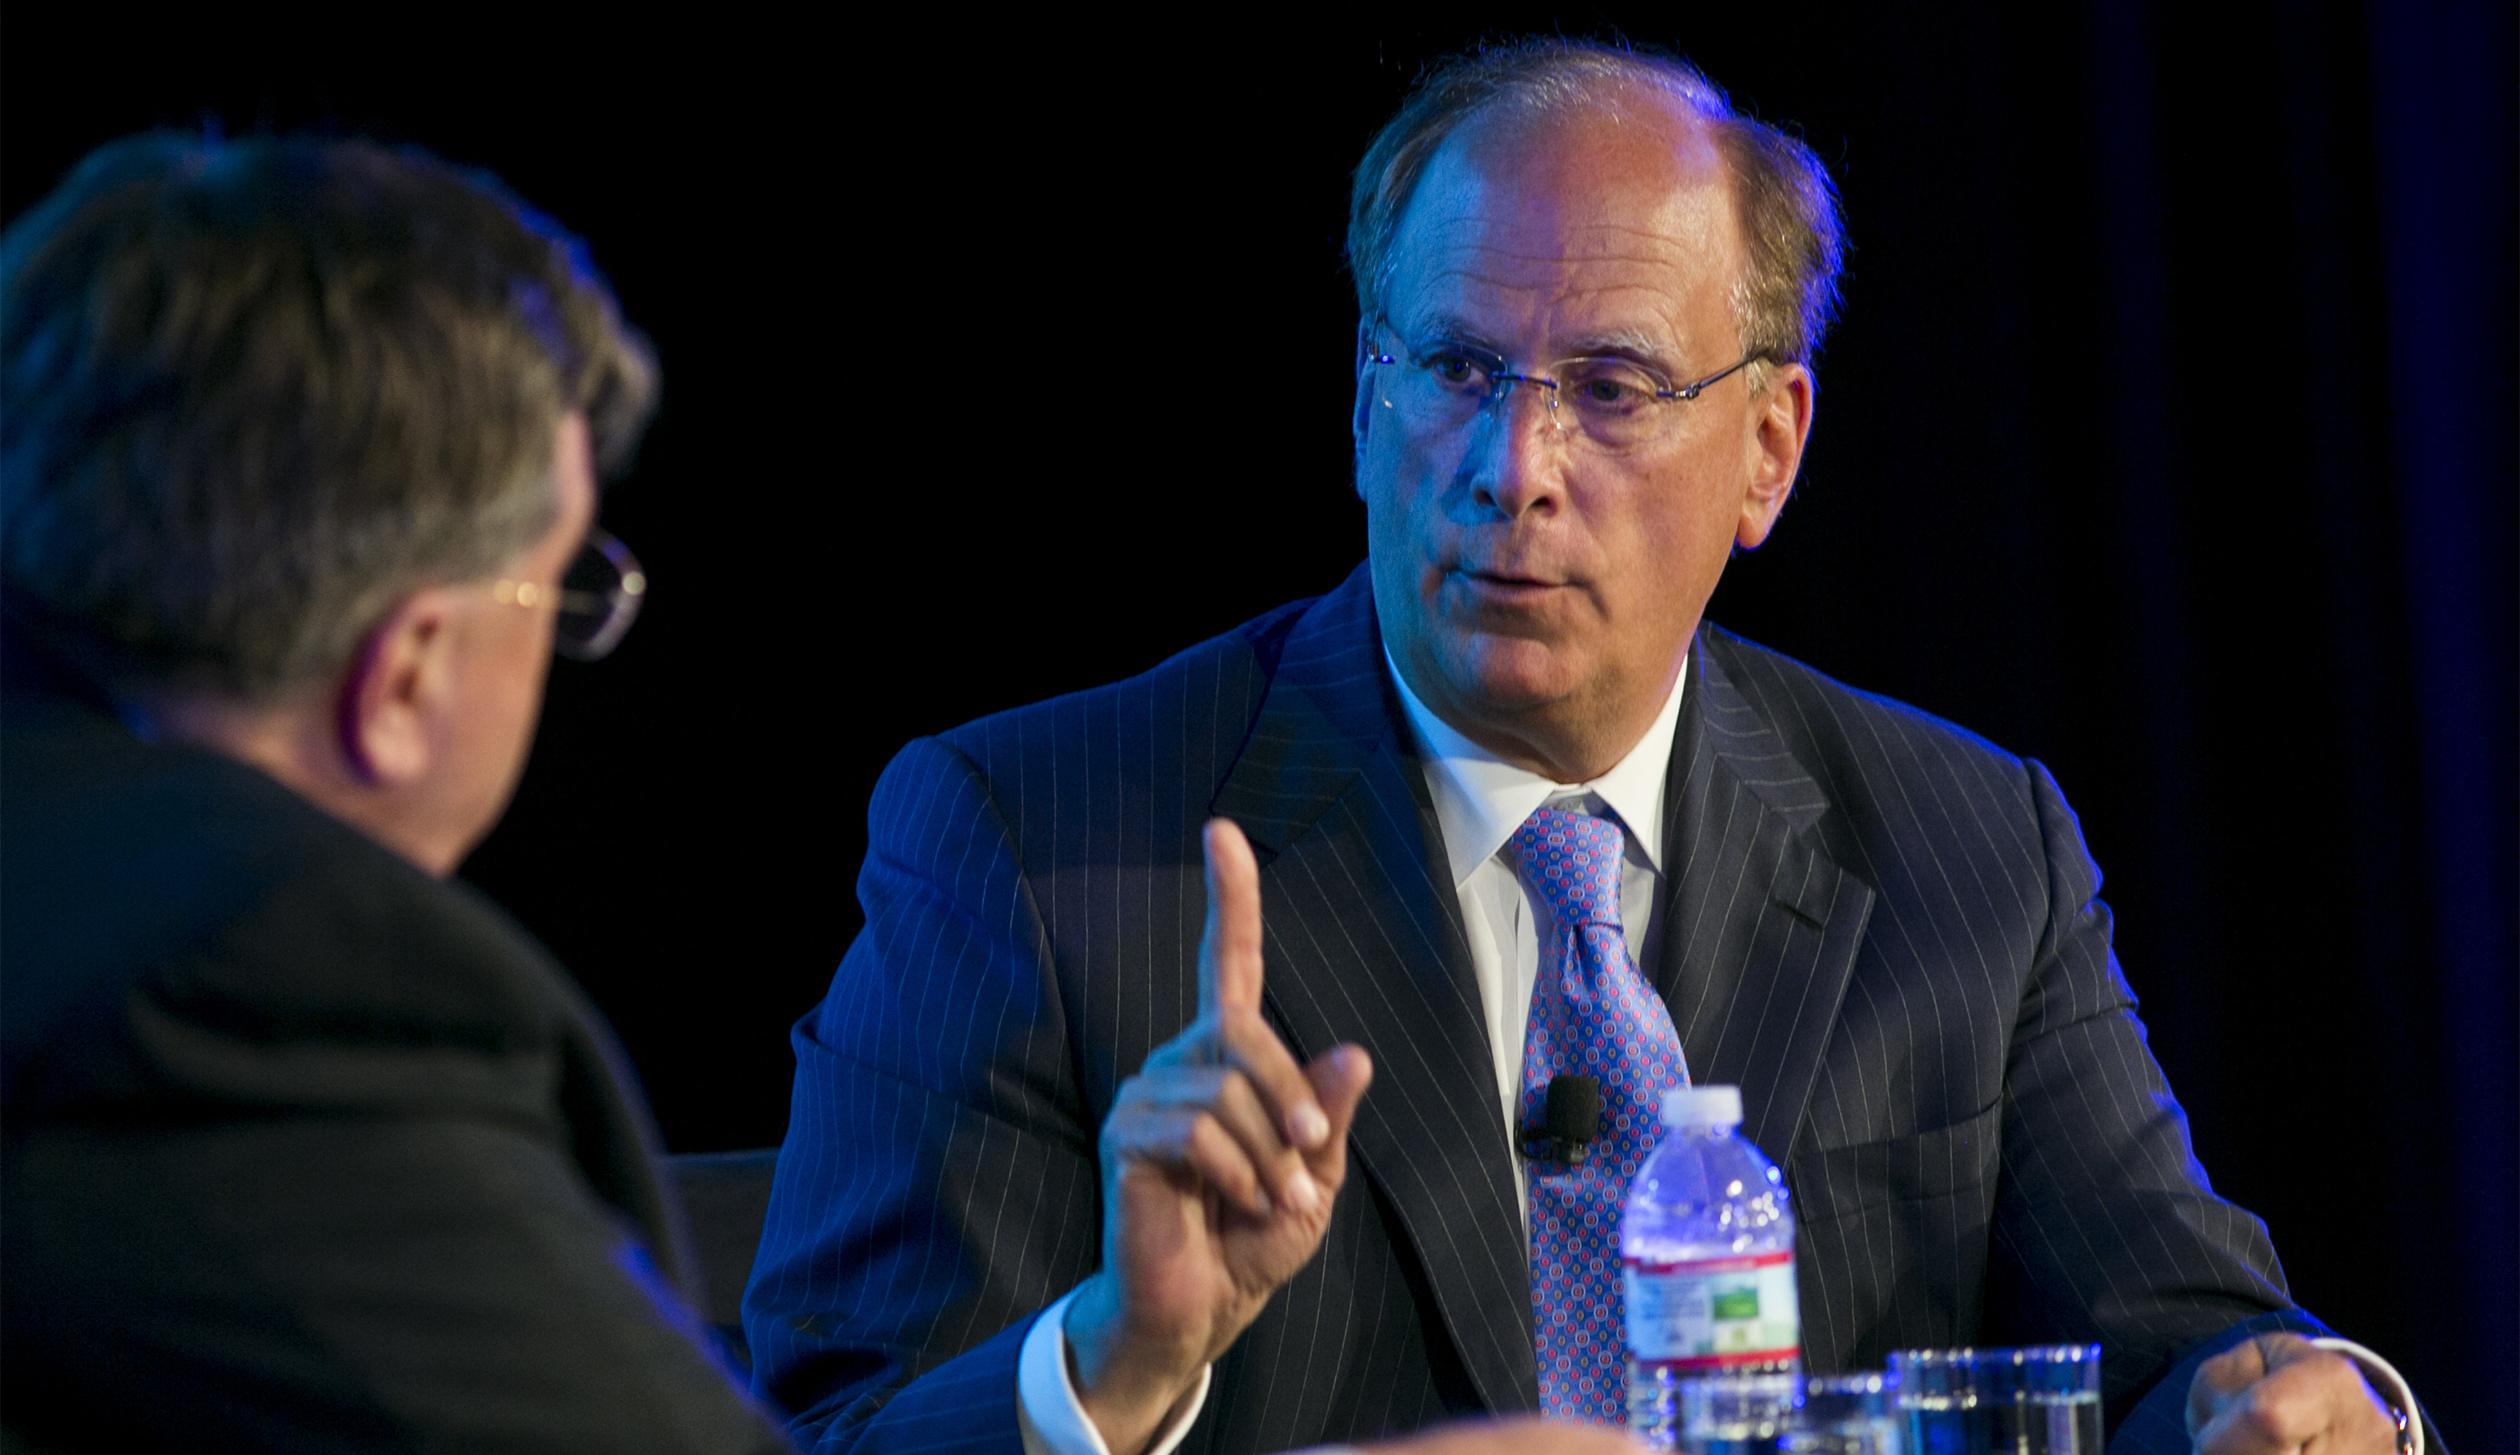 DC: BlackRock CEO Laurence Fink